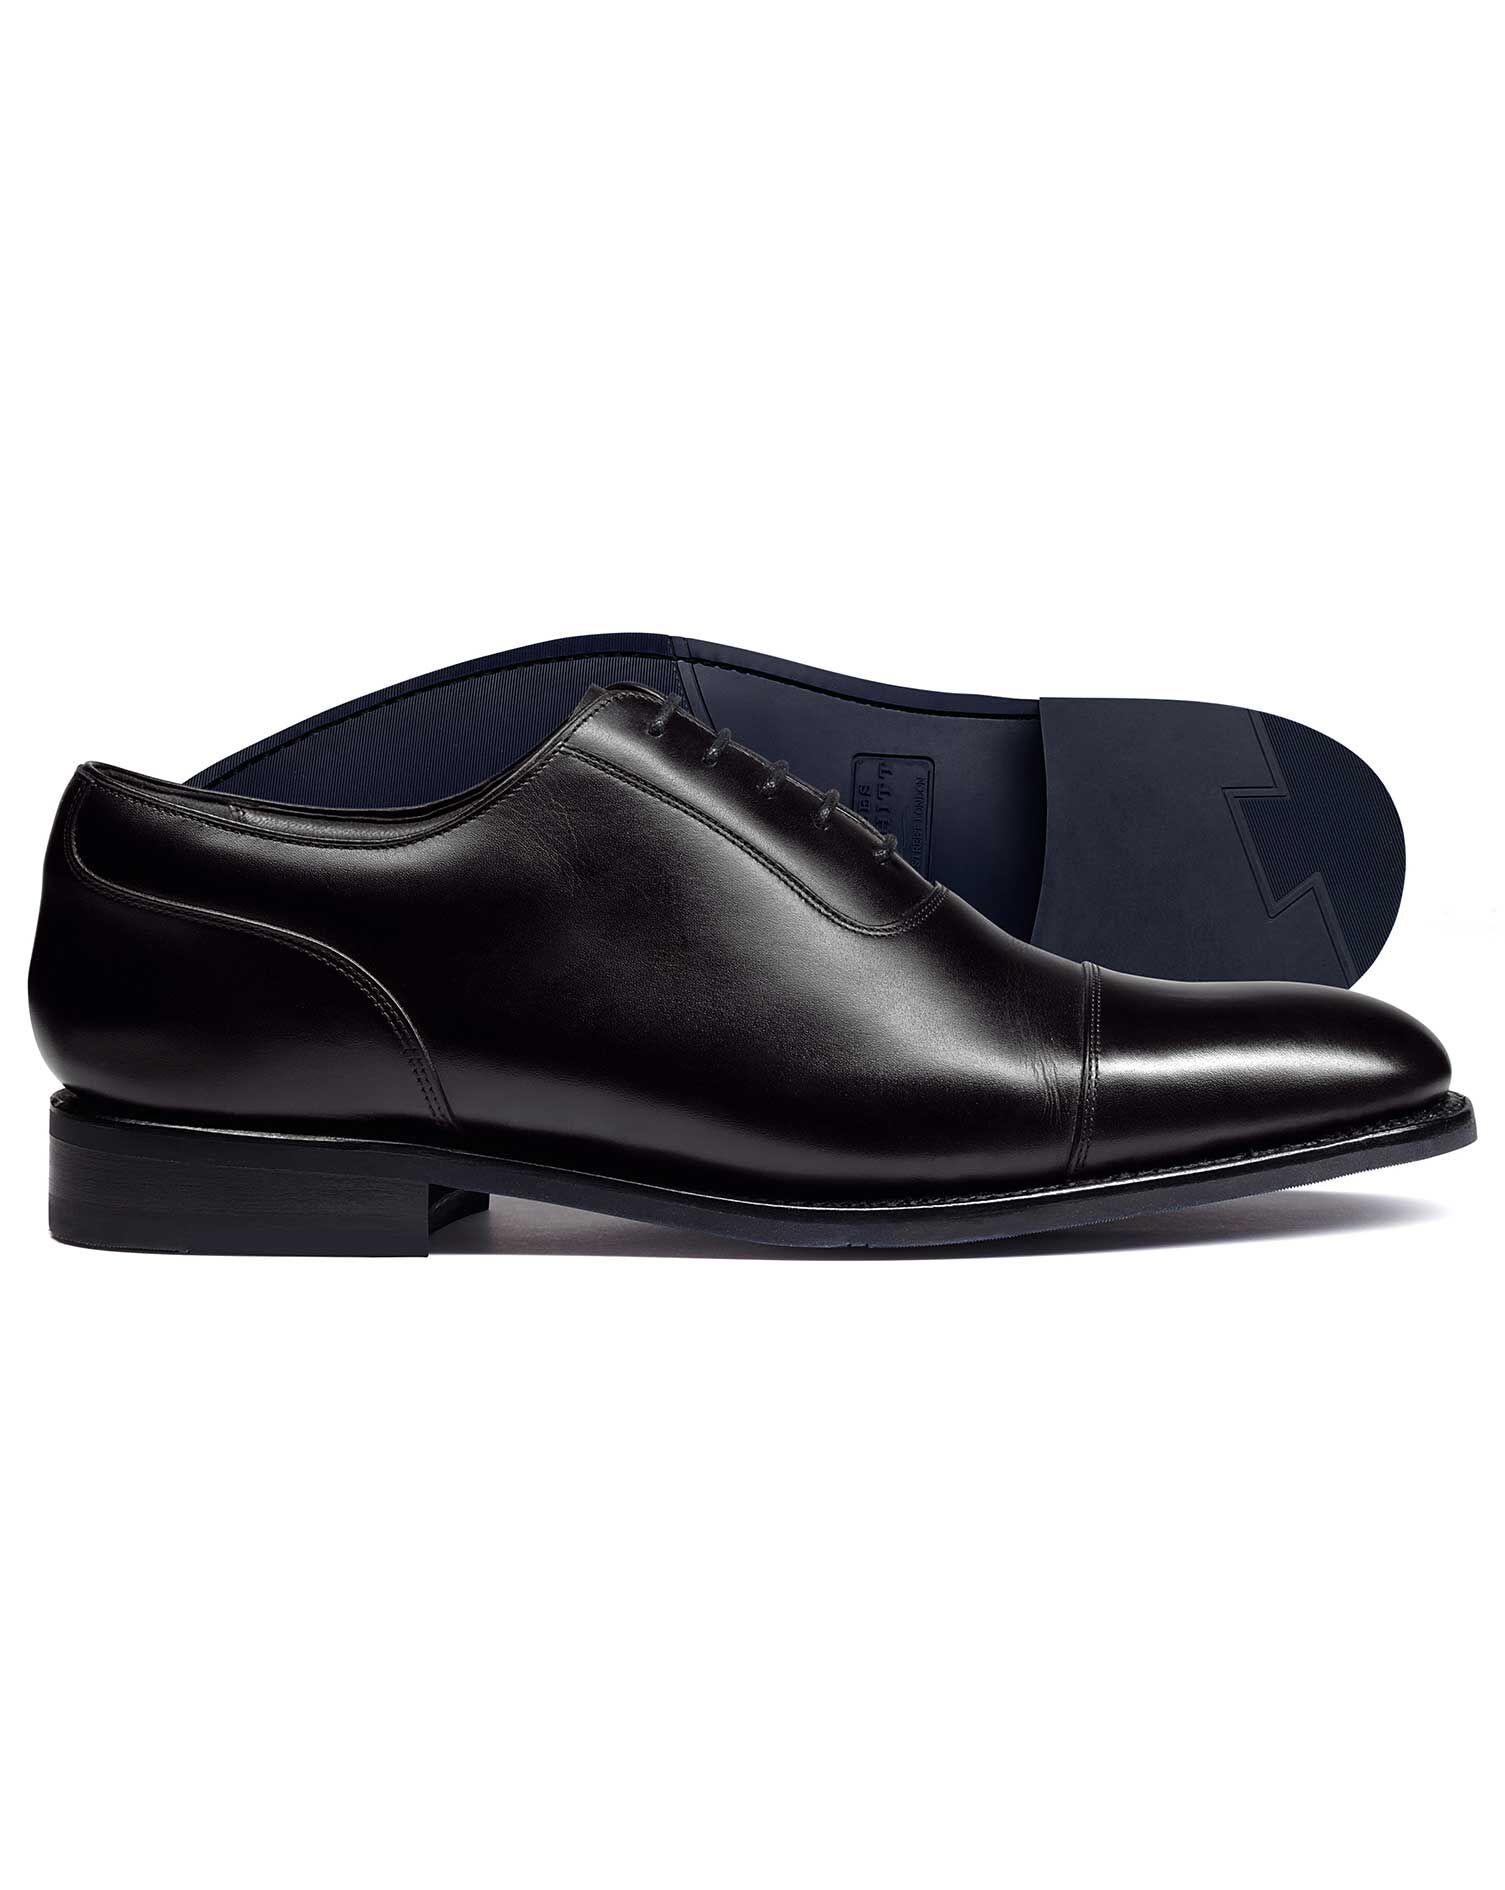 Men's Sale Shoes | Charles Tyrwhitt